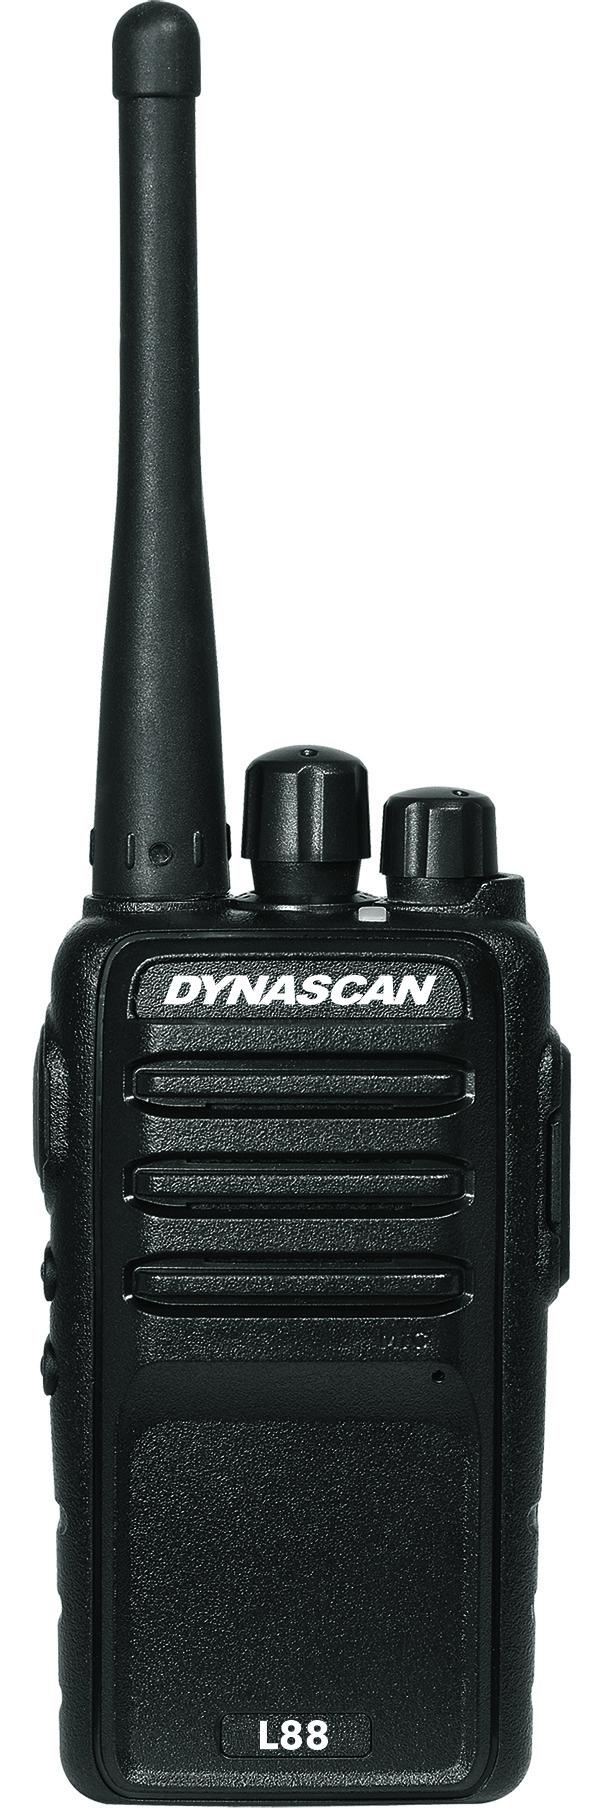 Dynascan L-88